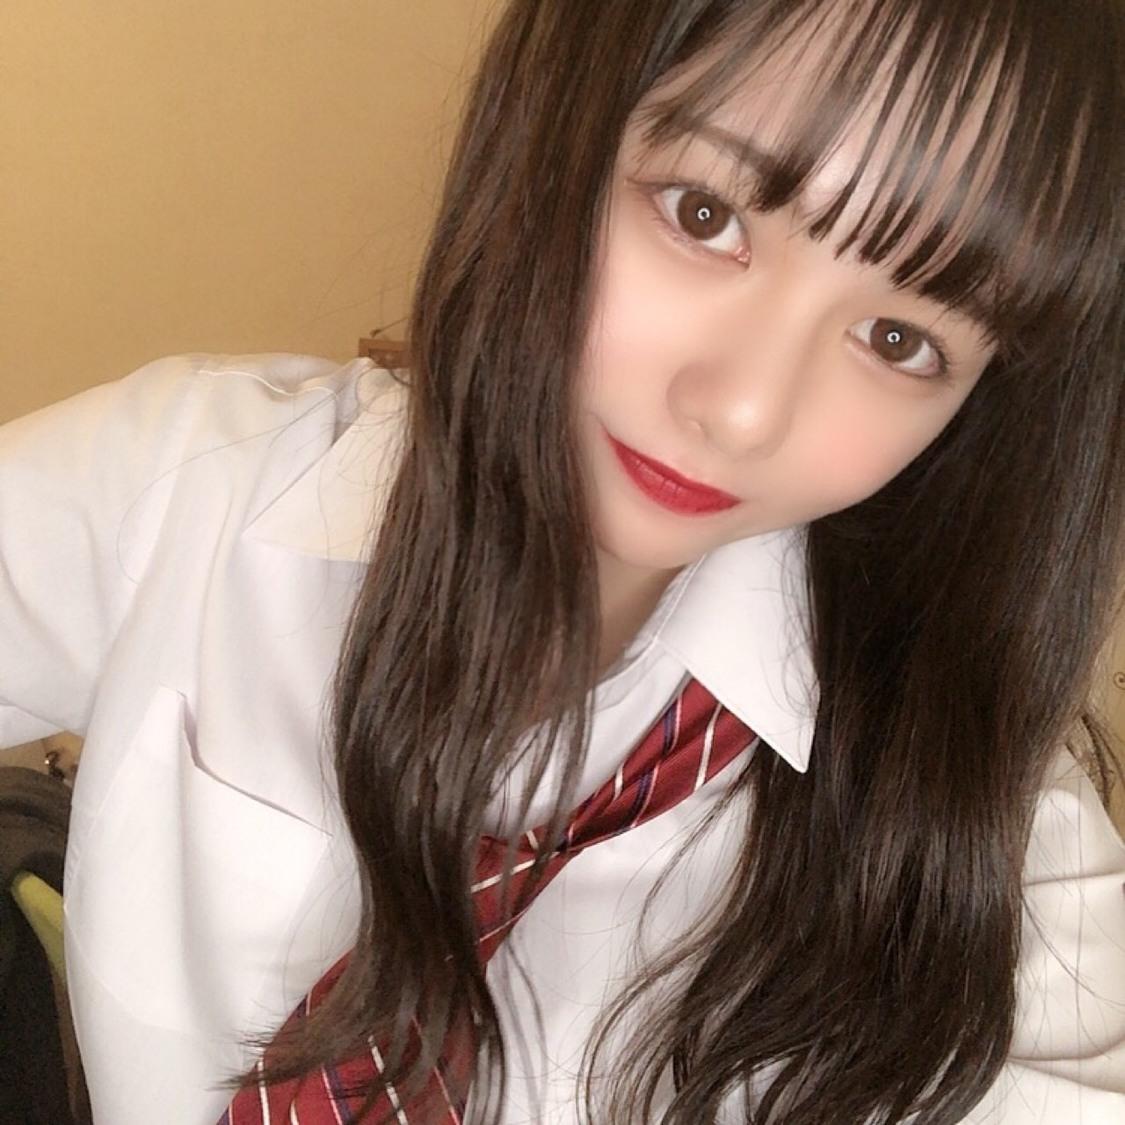 石川涼楓、『今日好き』新シーズン出演決定!「この旅で素敵な恋を見つけられるように、頑張りたいです」